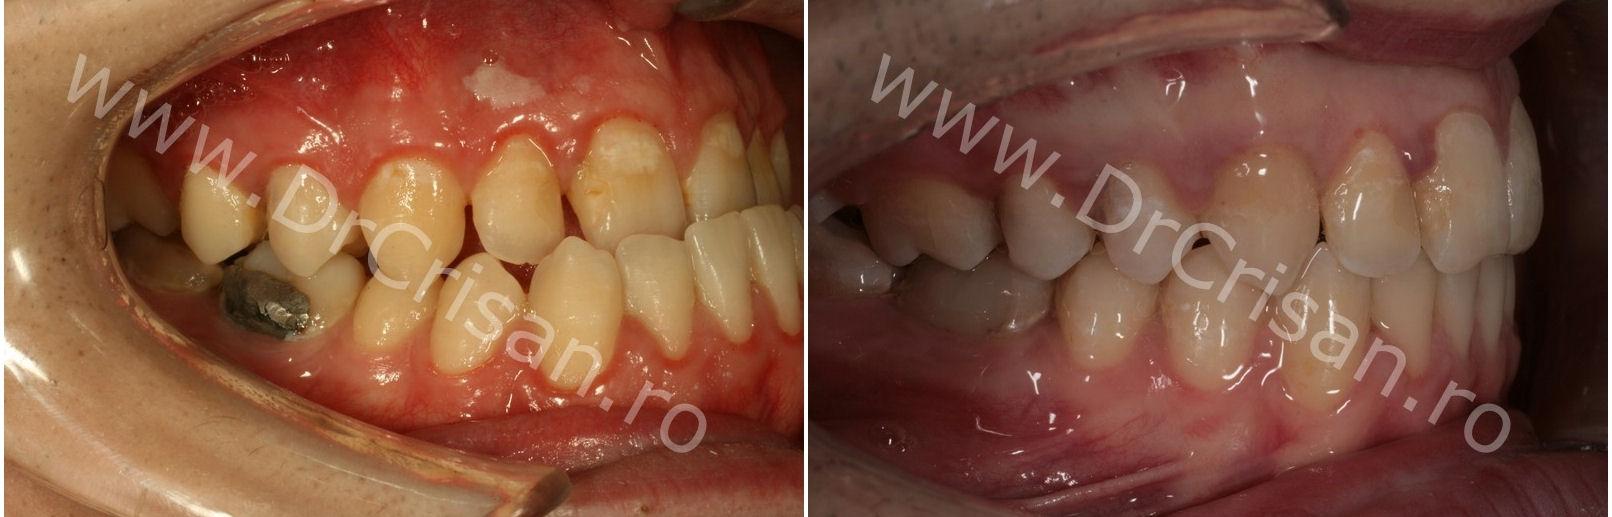 Fotografie ocluzie dreapta inainte si dupa tratamentul ortodontic